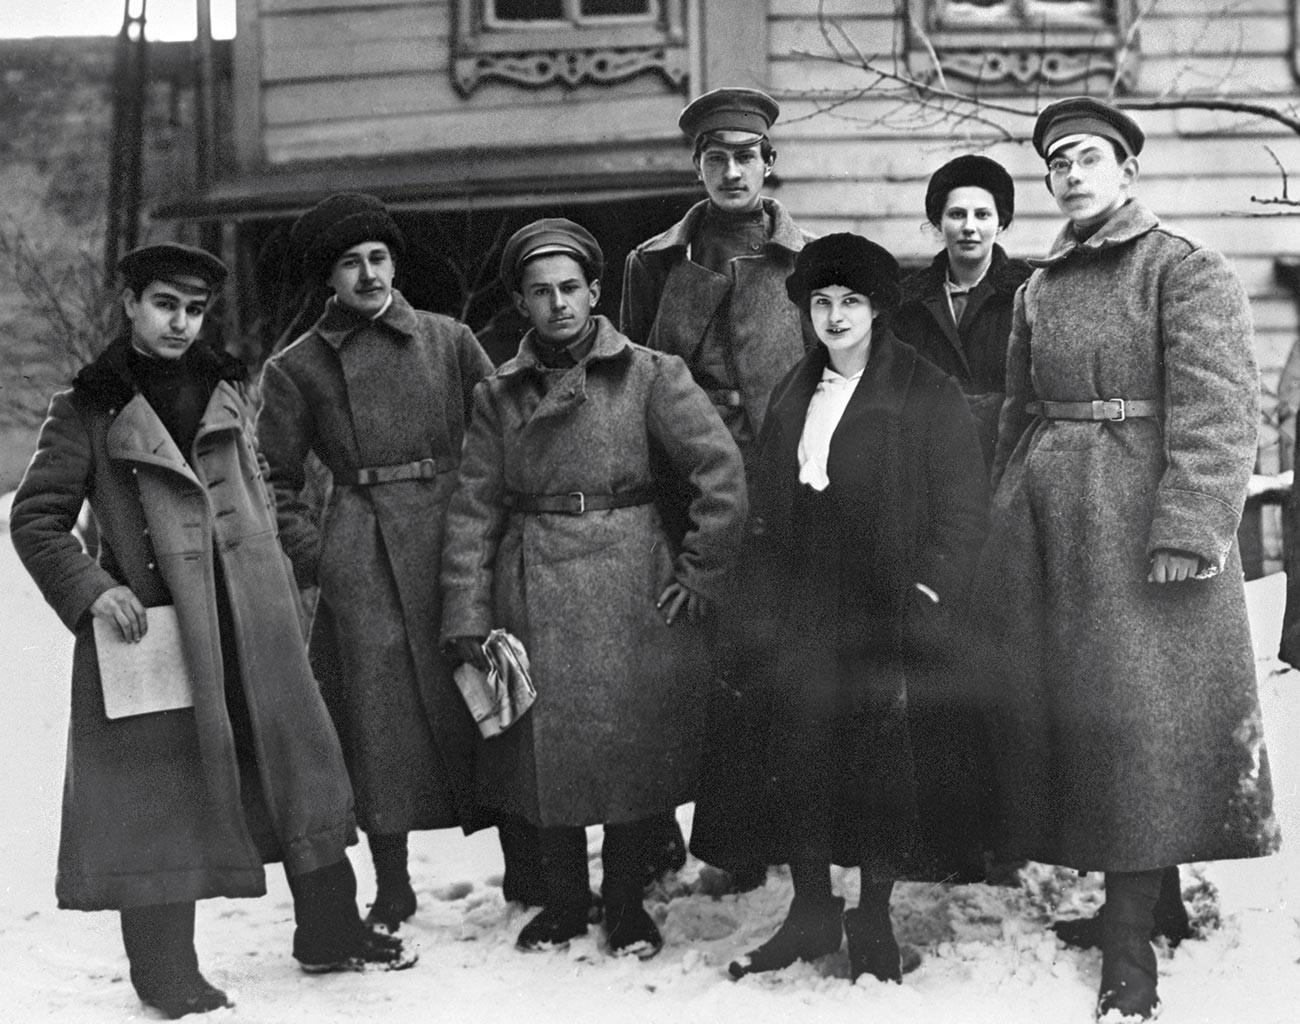 First Komsomol members in the 1920s